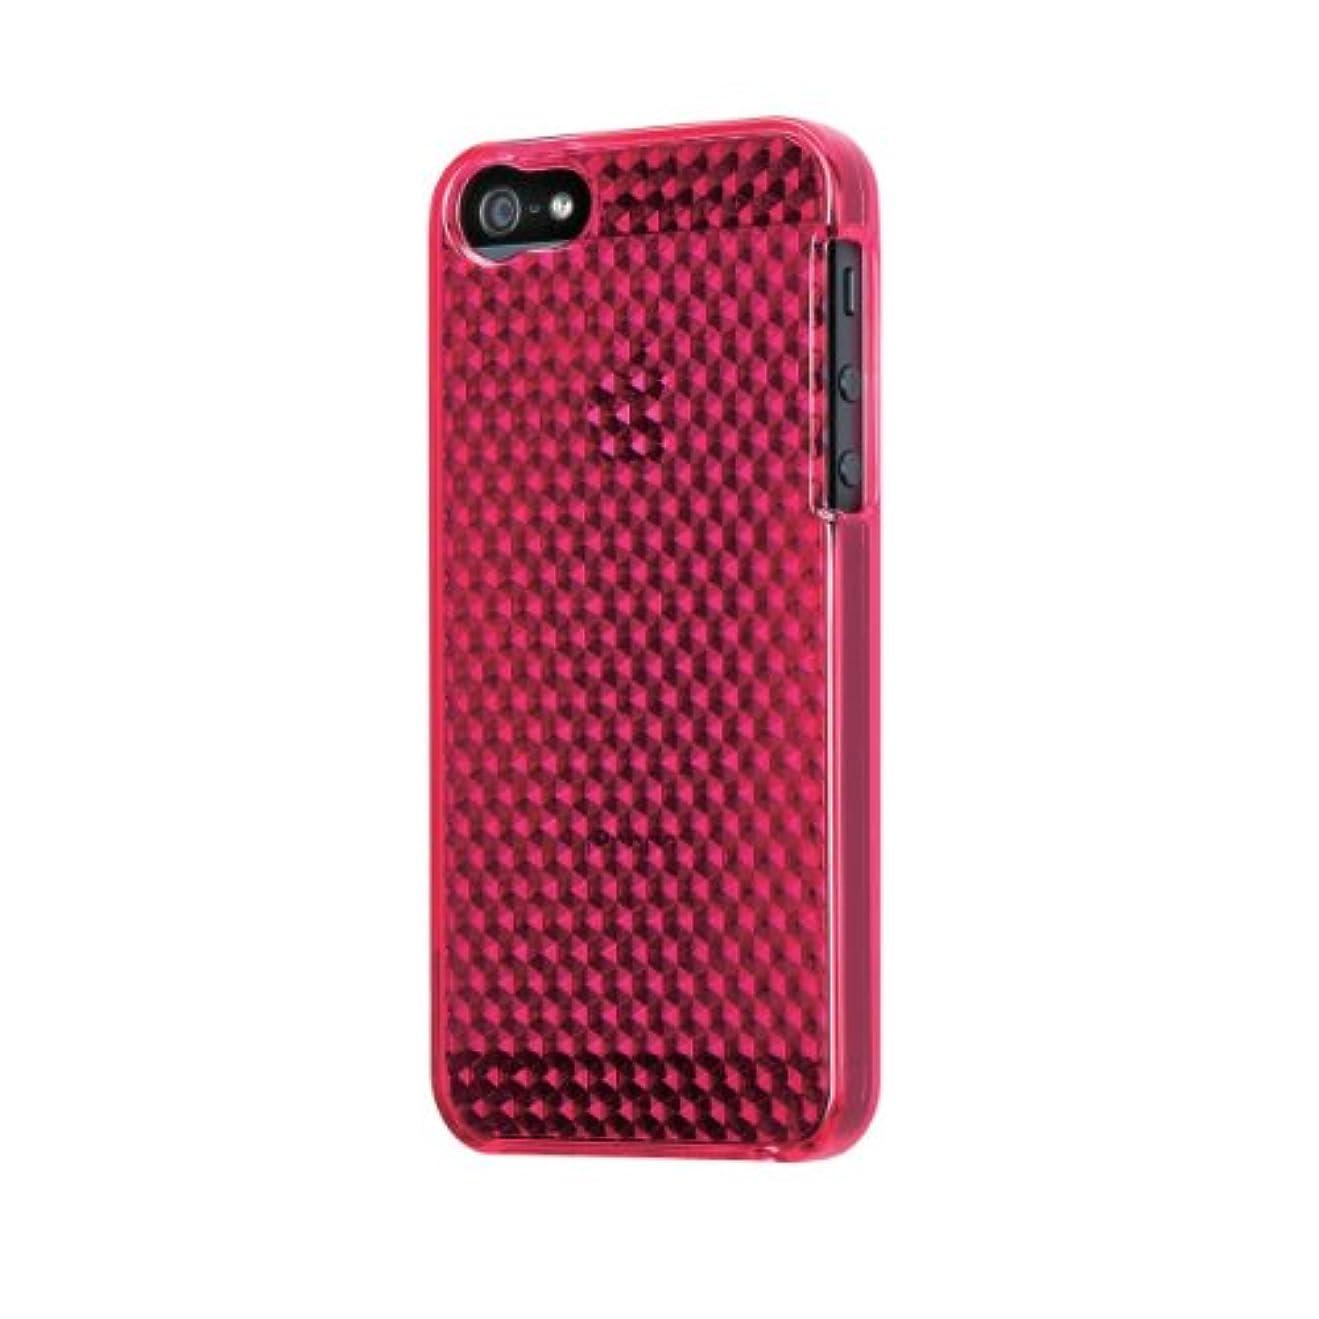 気絶させる永遠の有毒なELECOM iPhone5用 ソフトケース ダイヤモンドカット ダークピンク PS-A12UCJPND